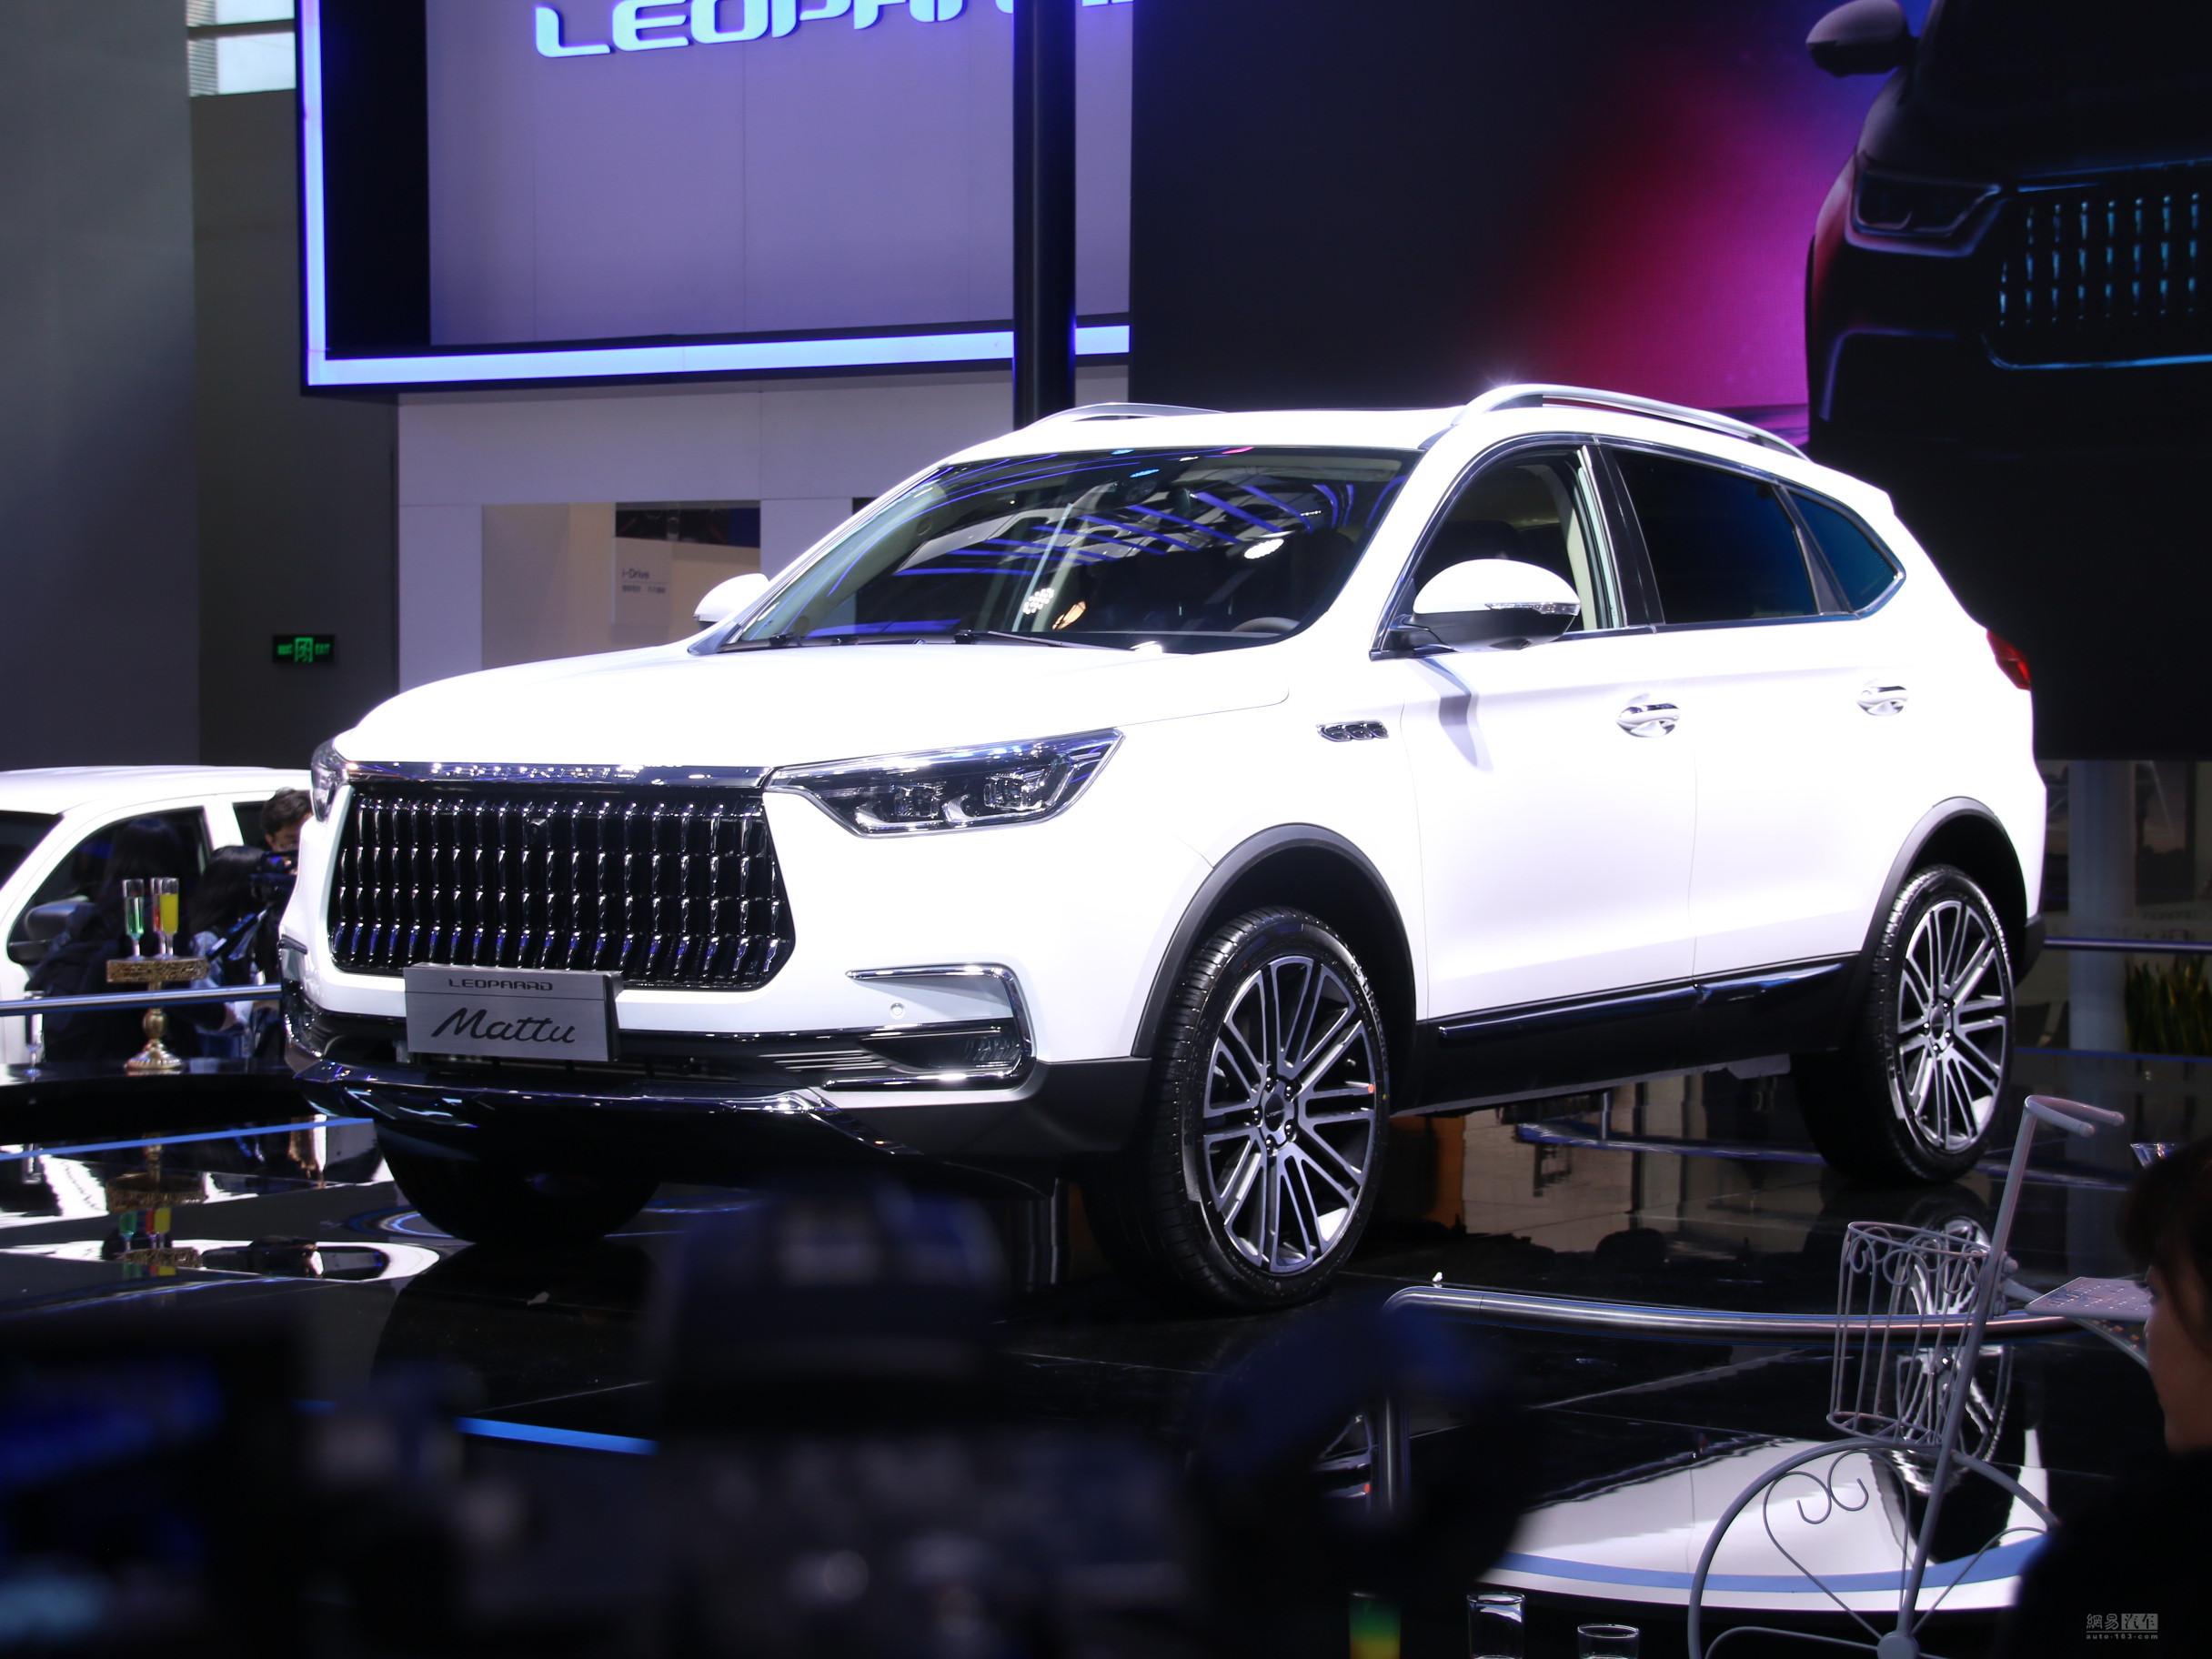 MATTU首次亮相 猎豹全新SUV将5月上市